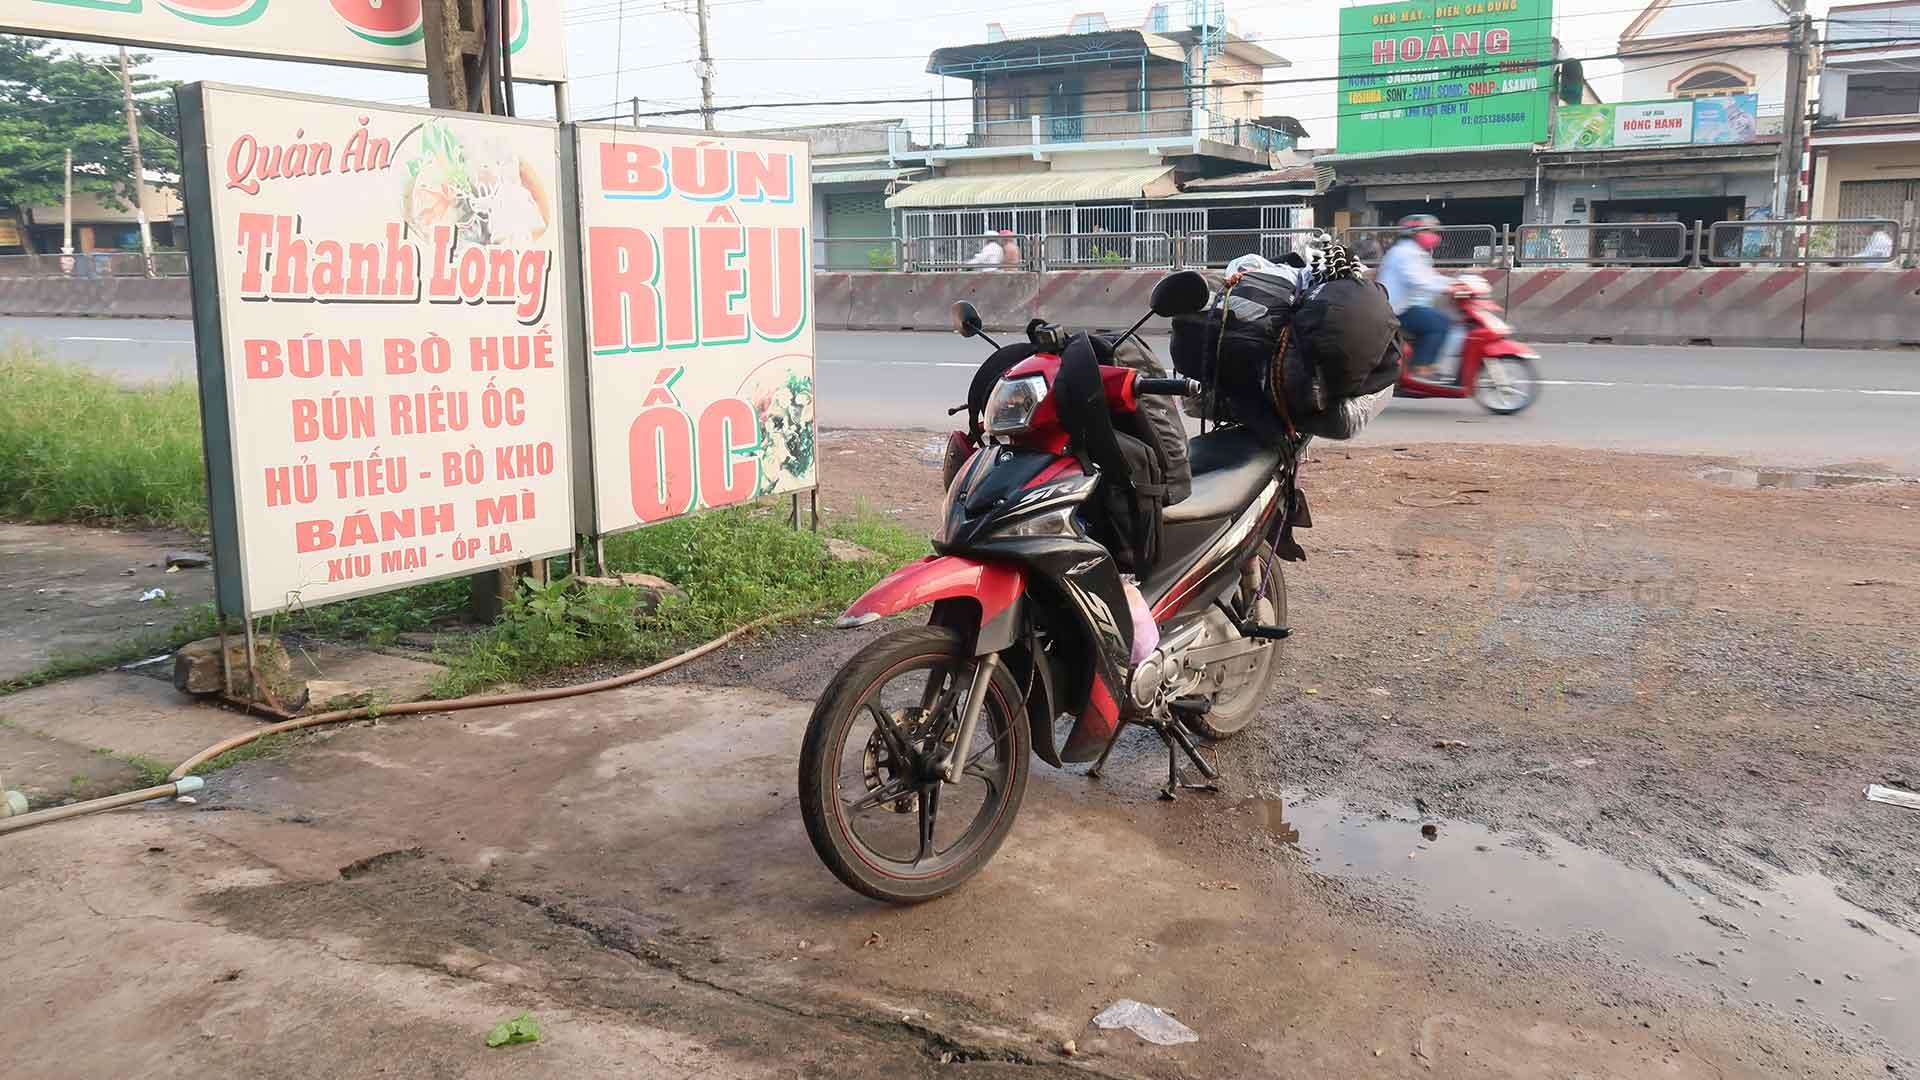 Du Lịch Xuyên Việt – Những Thứ Cần Chuẩn Bị